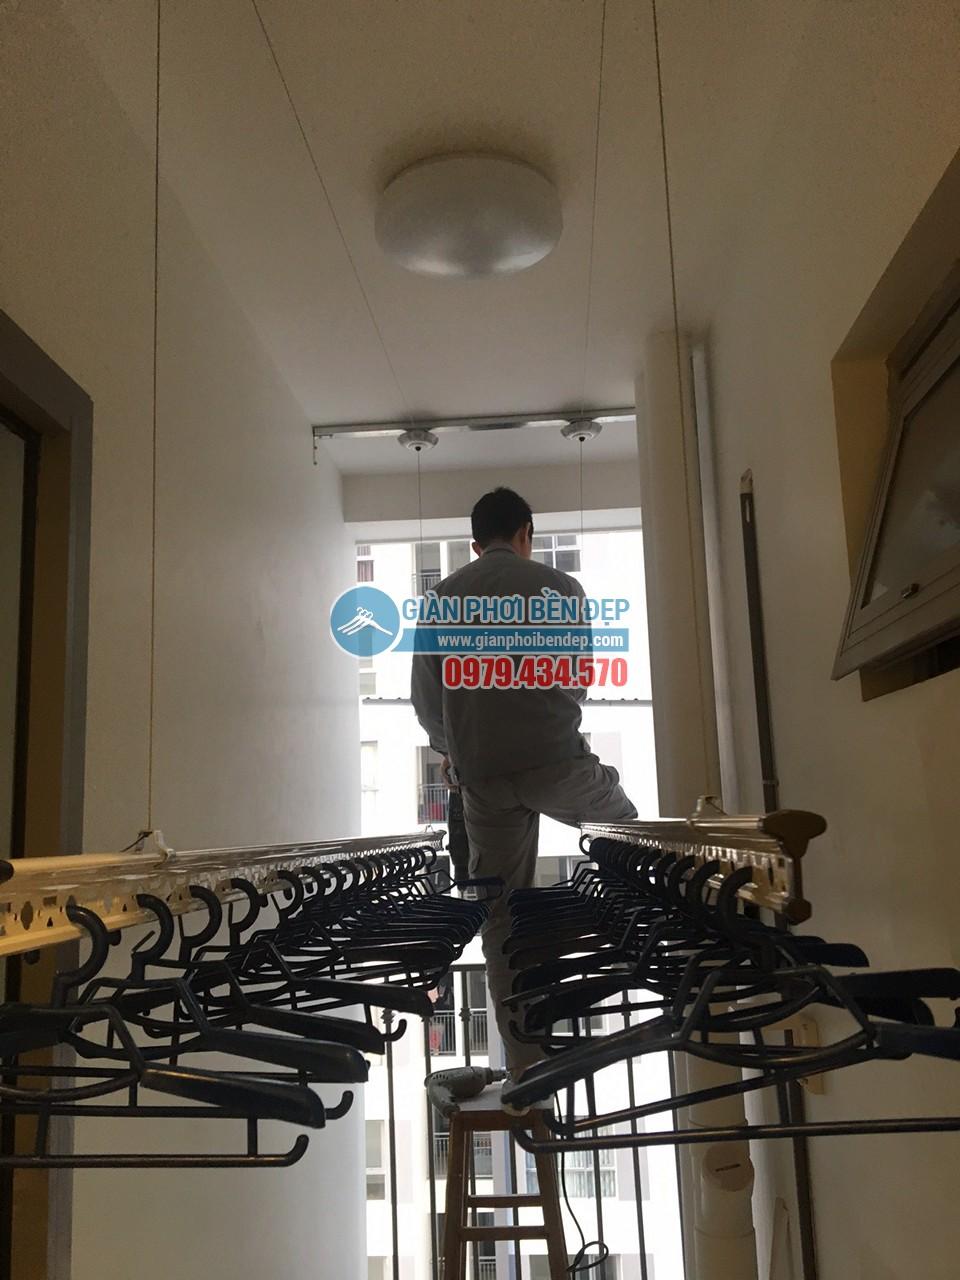 Hoàn thiện lắp đặt giàn phơi thông minh và lưới an toàn nhà chị Minh, tòa Park Hill 8 - 04